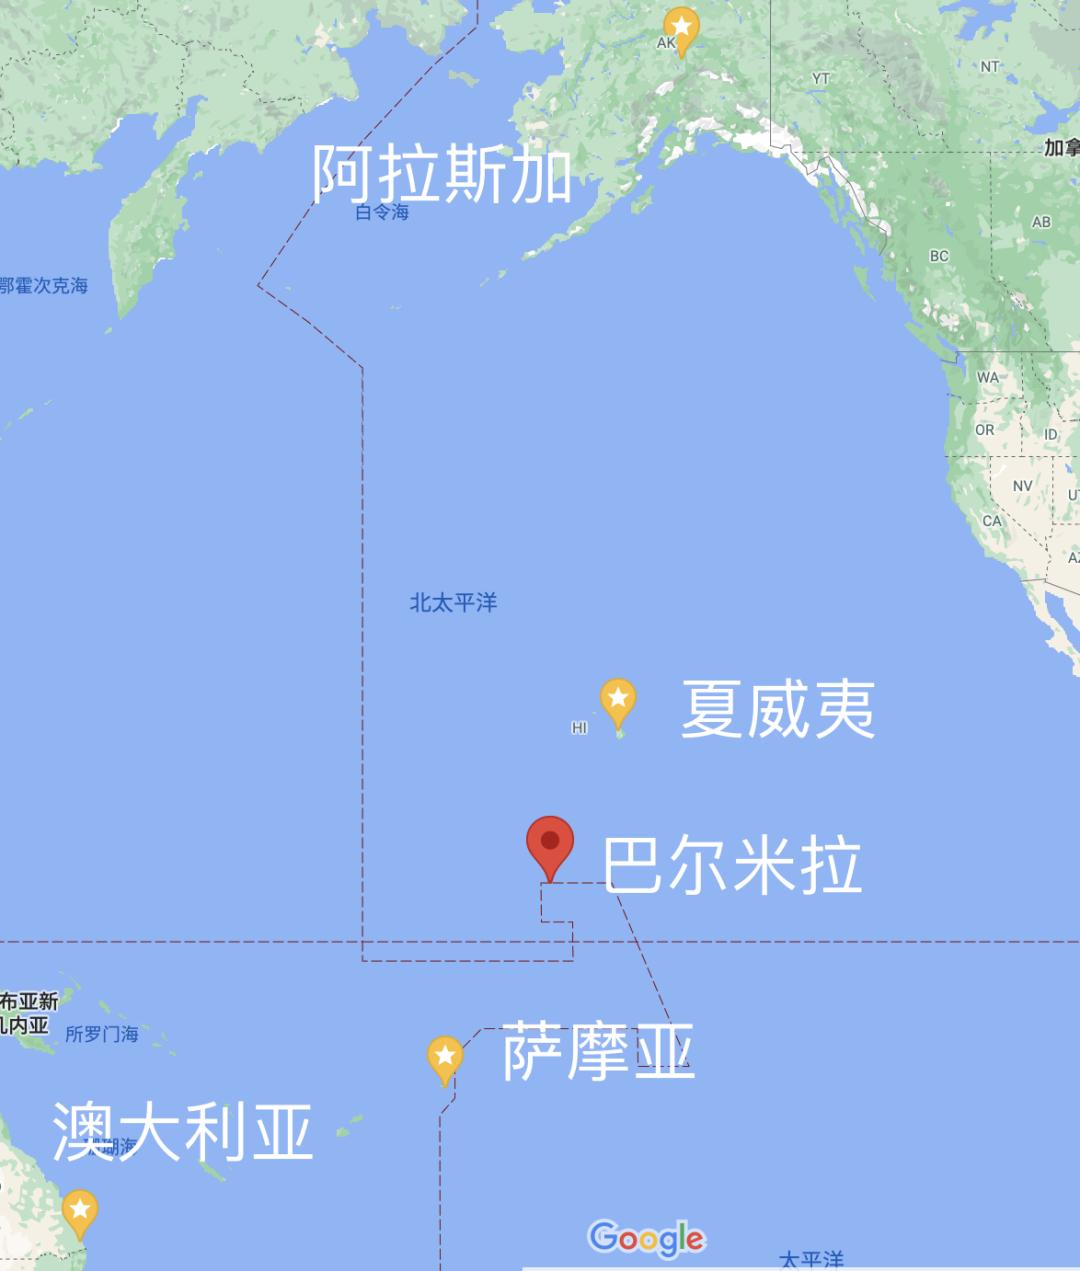 跨越整个太平洋的实验 | 谷歌地图